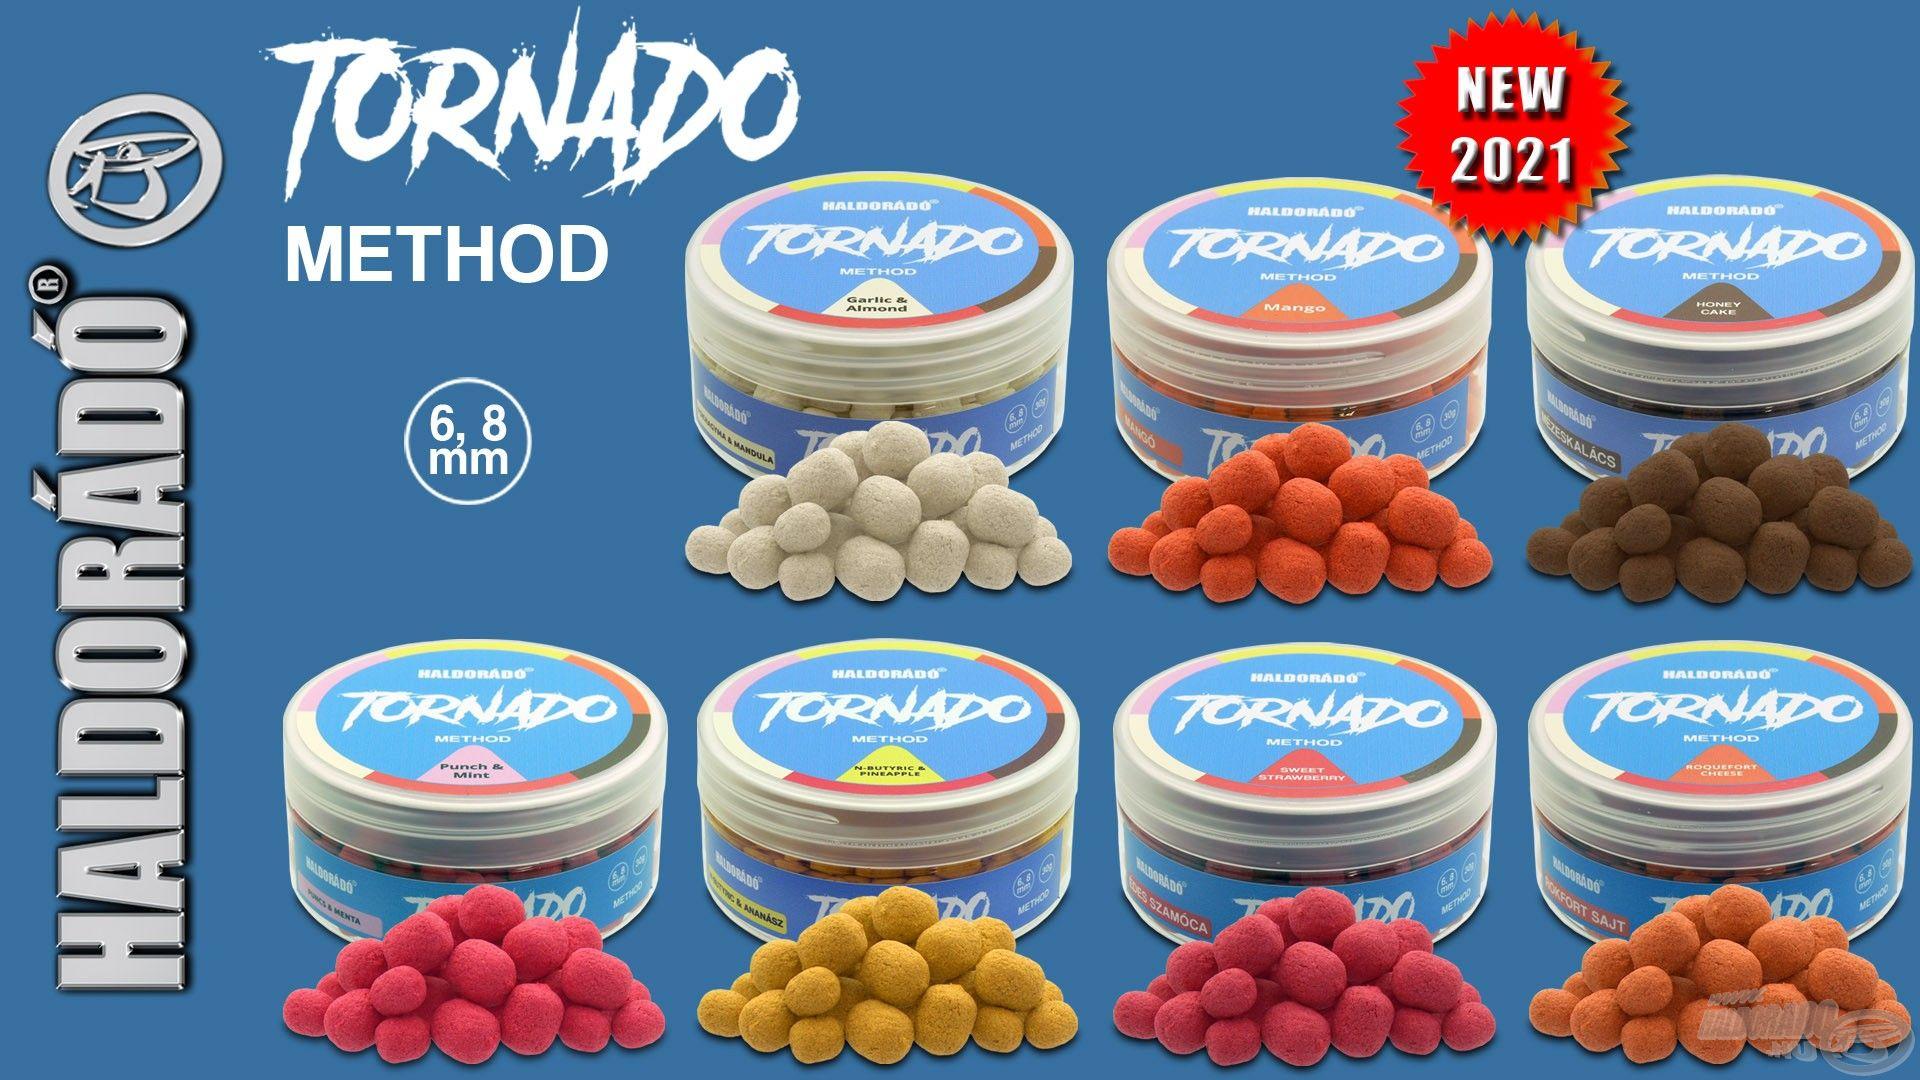 Ez a termék a nagysikerű Tornado Wafter csalik method horgászathoz optimalizált változata